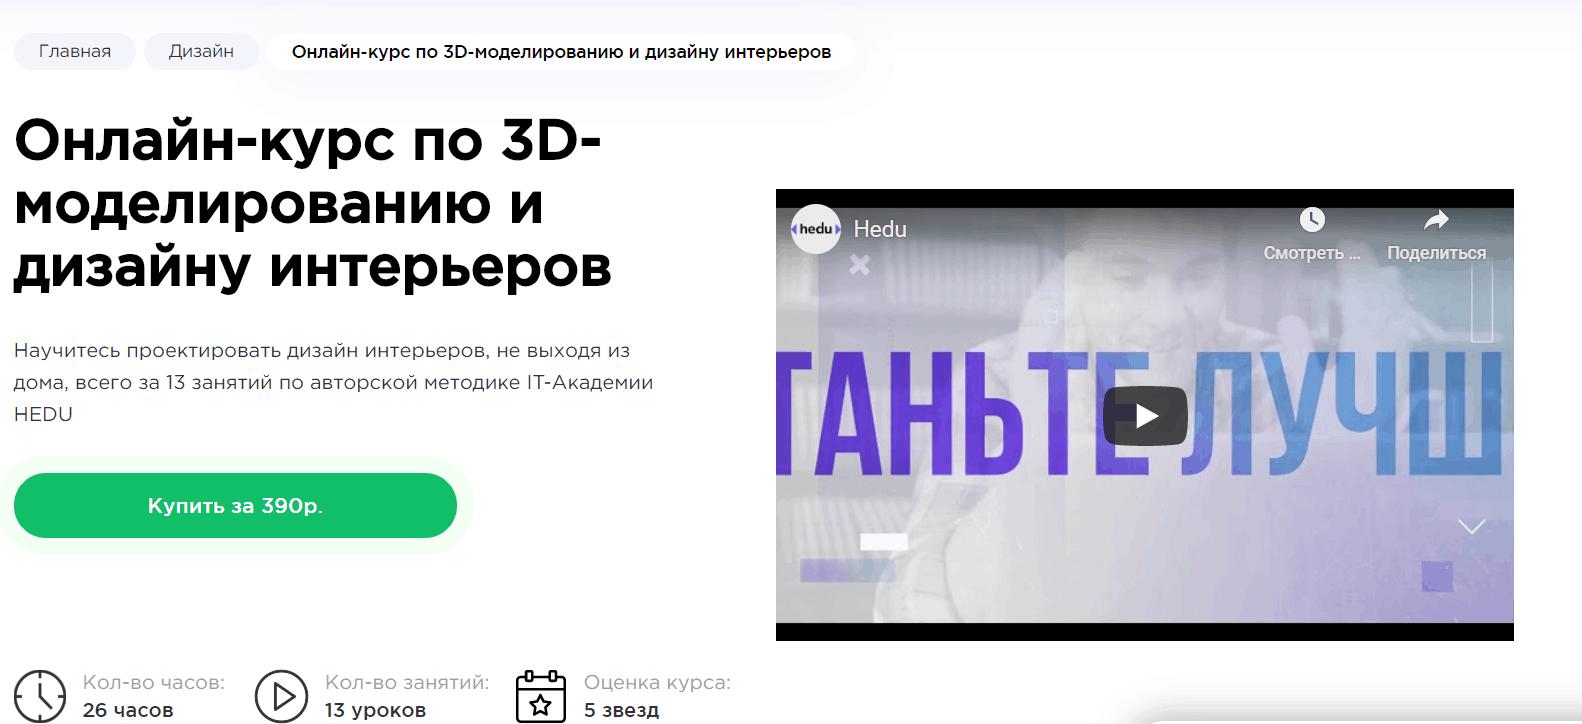 Онлайн-курс по 3D-моделированию и дизайну интерьеров